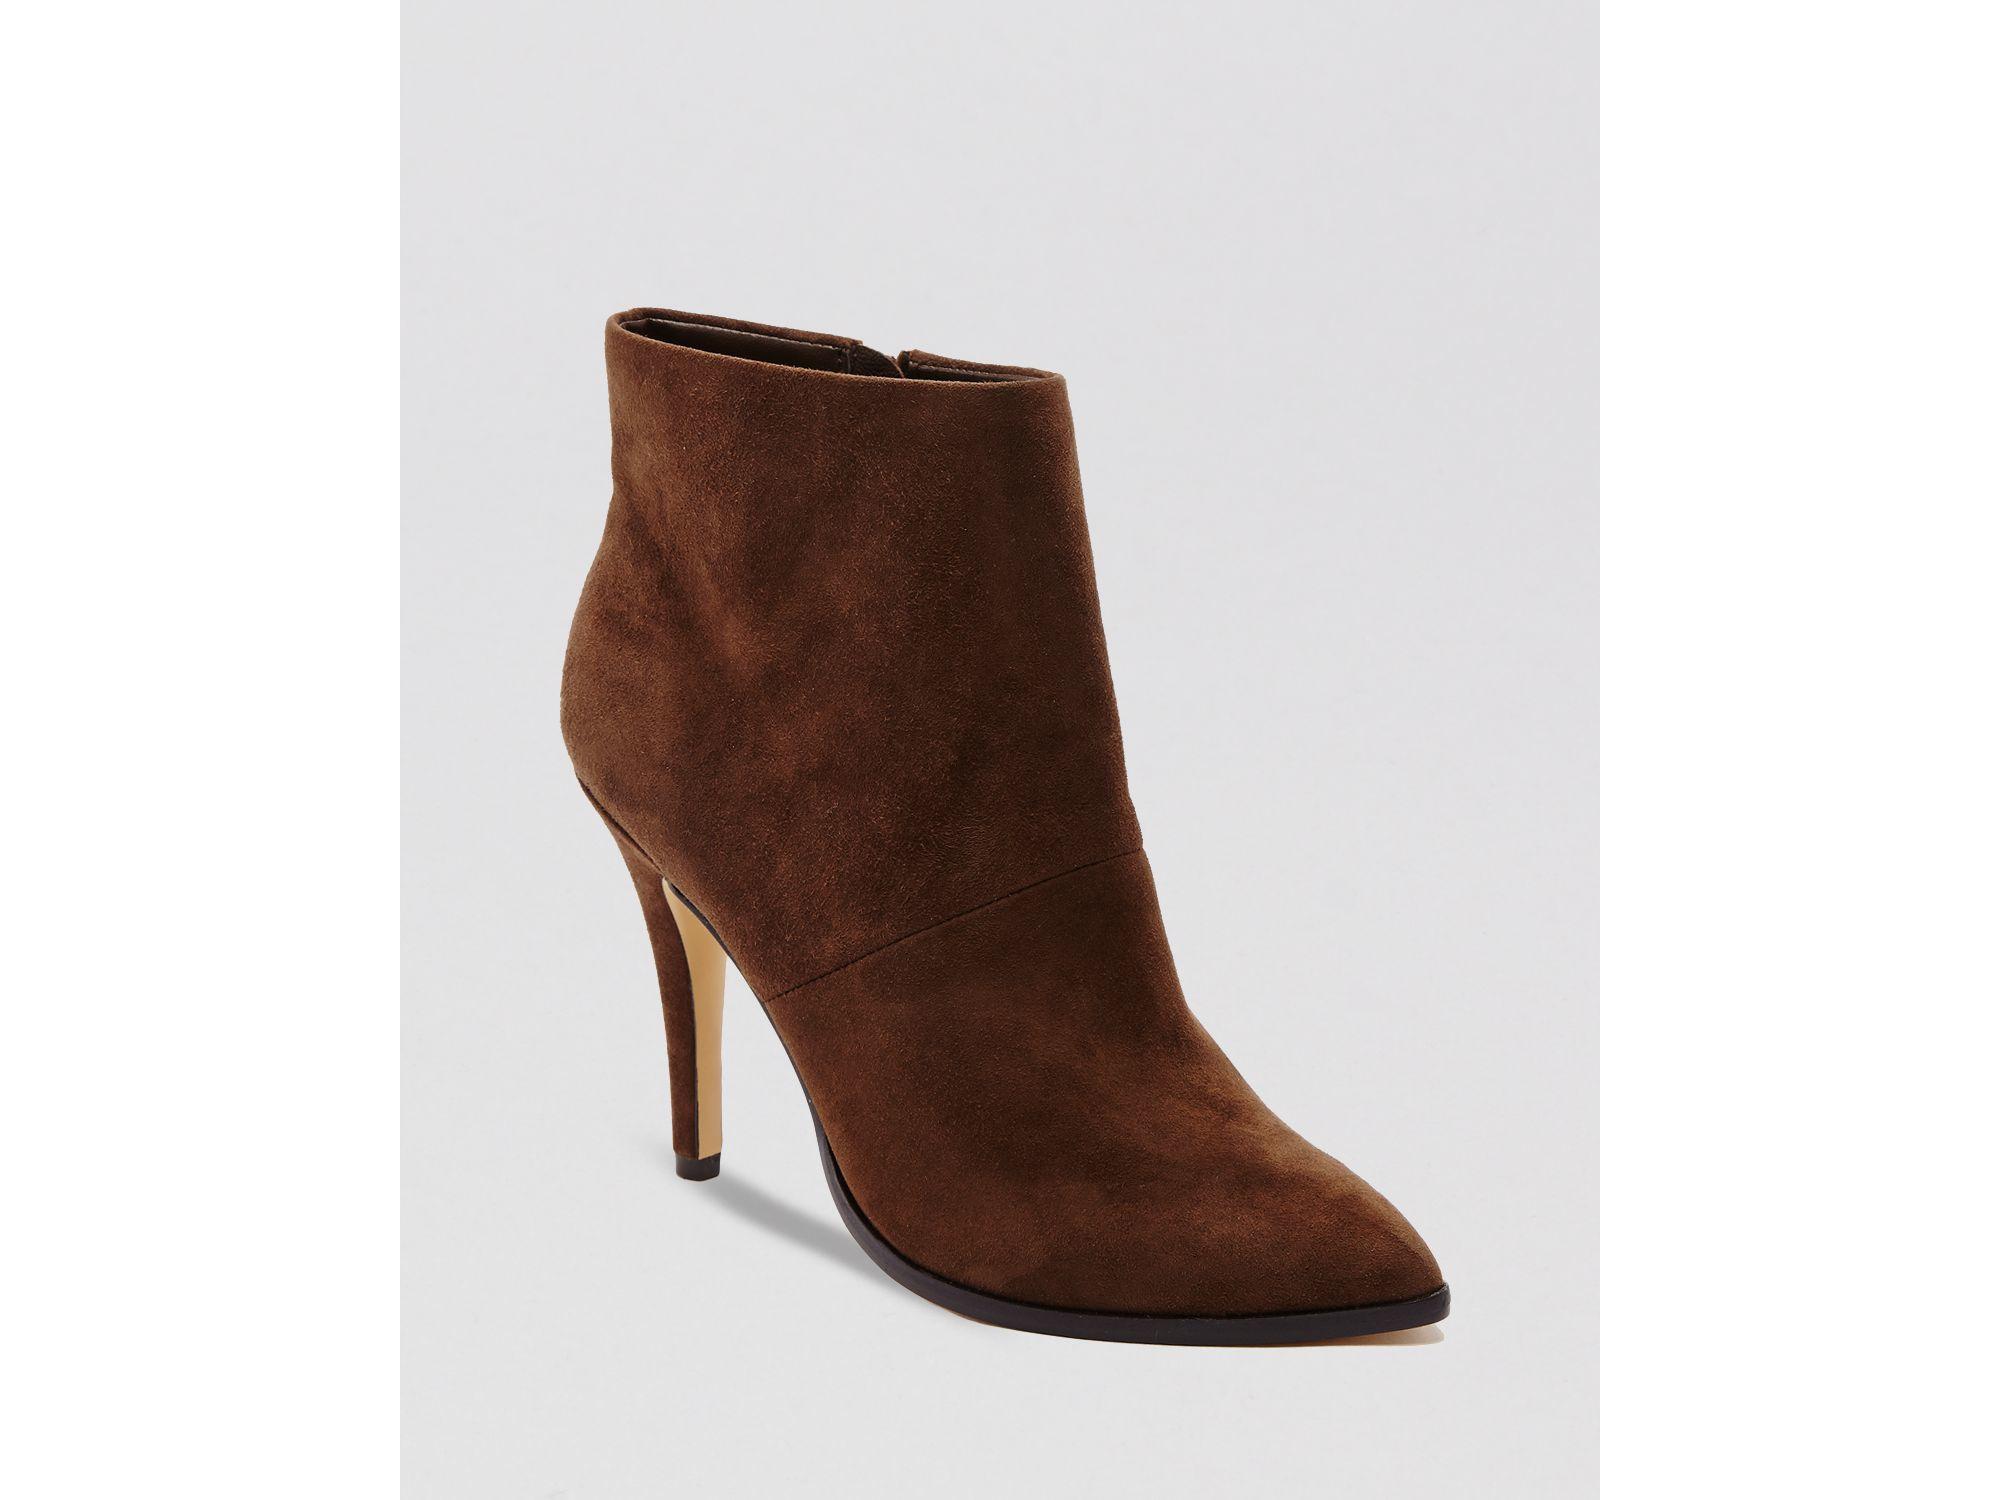 5f22408eec5 Women's Brown Pointed Toe Booties - Katin High Heel